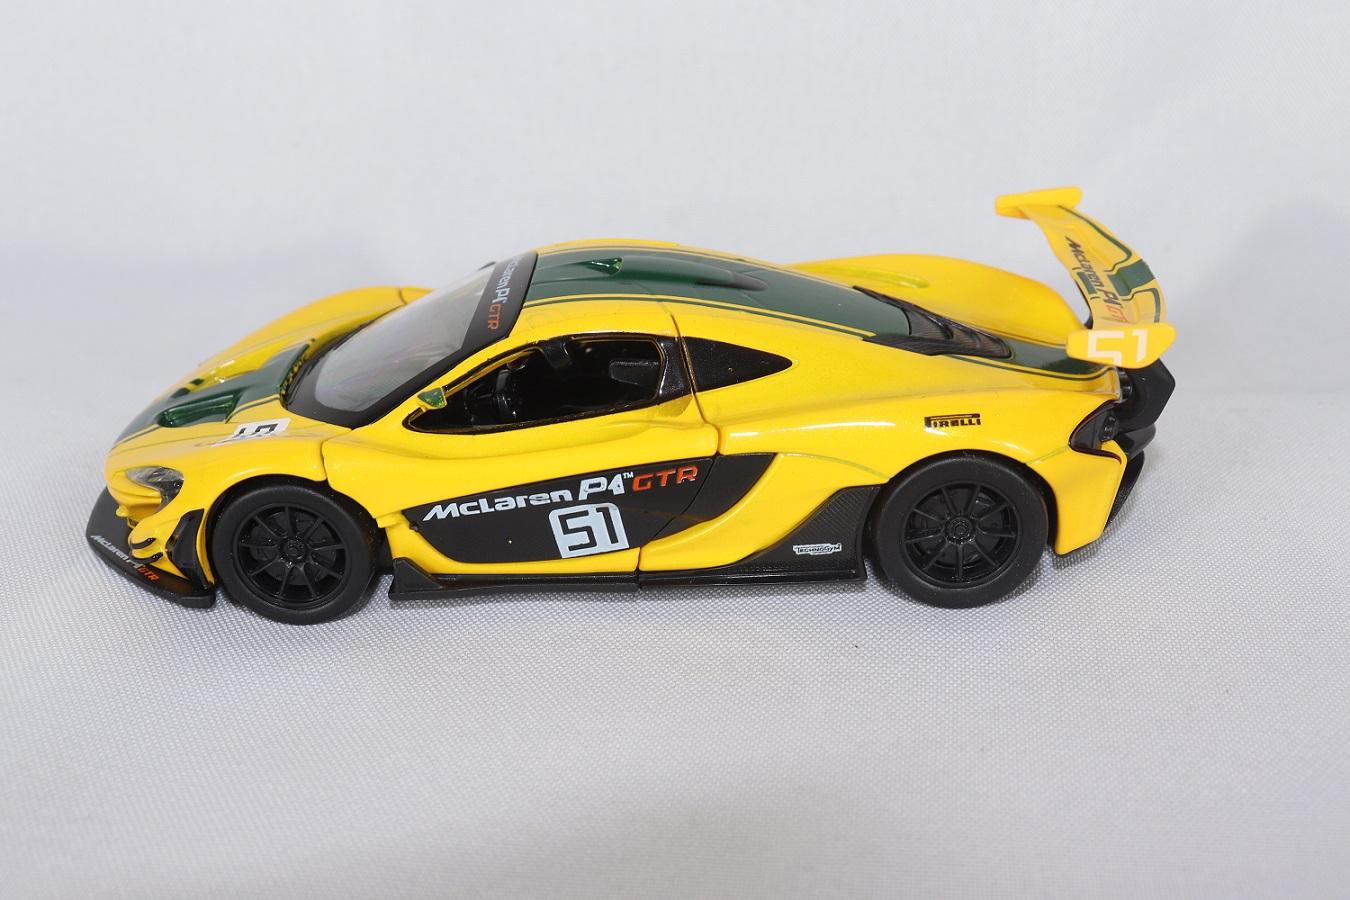 Miniatura McLaren Senna P1 GTR Luz e Som 1/32 California Action